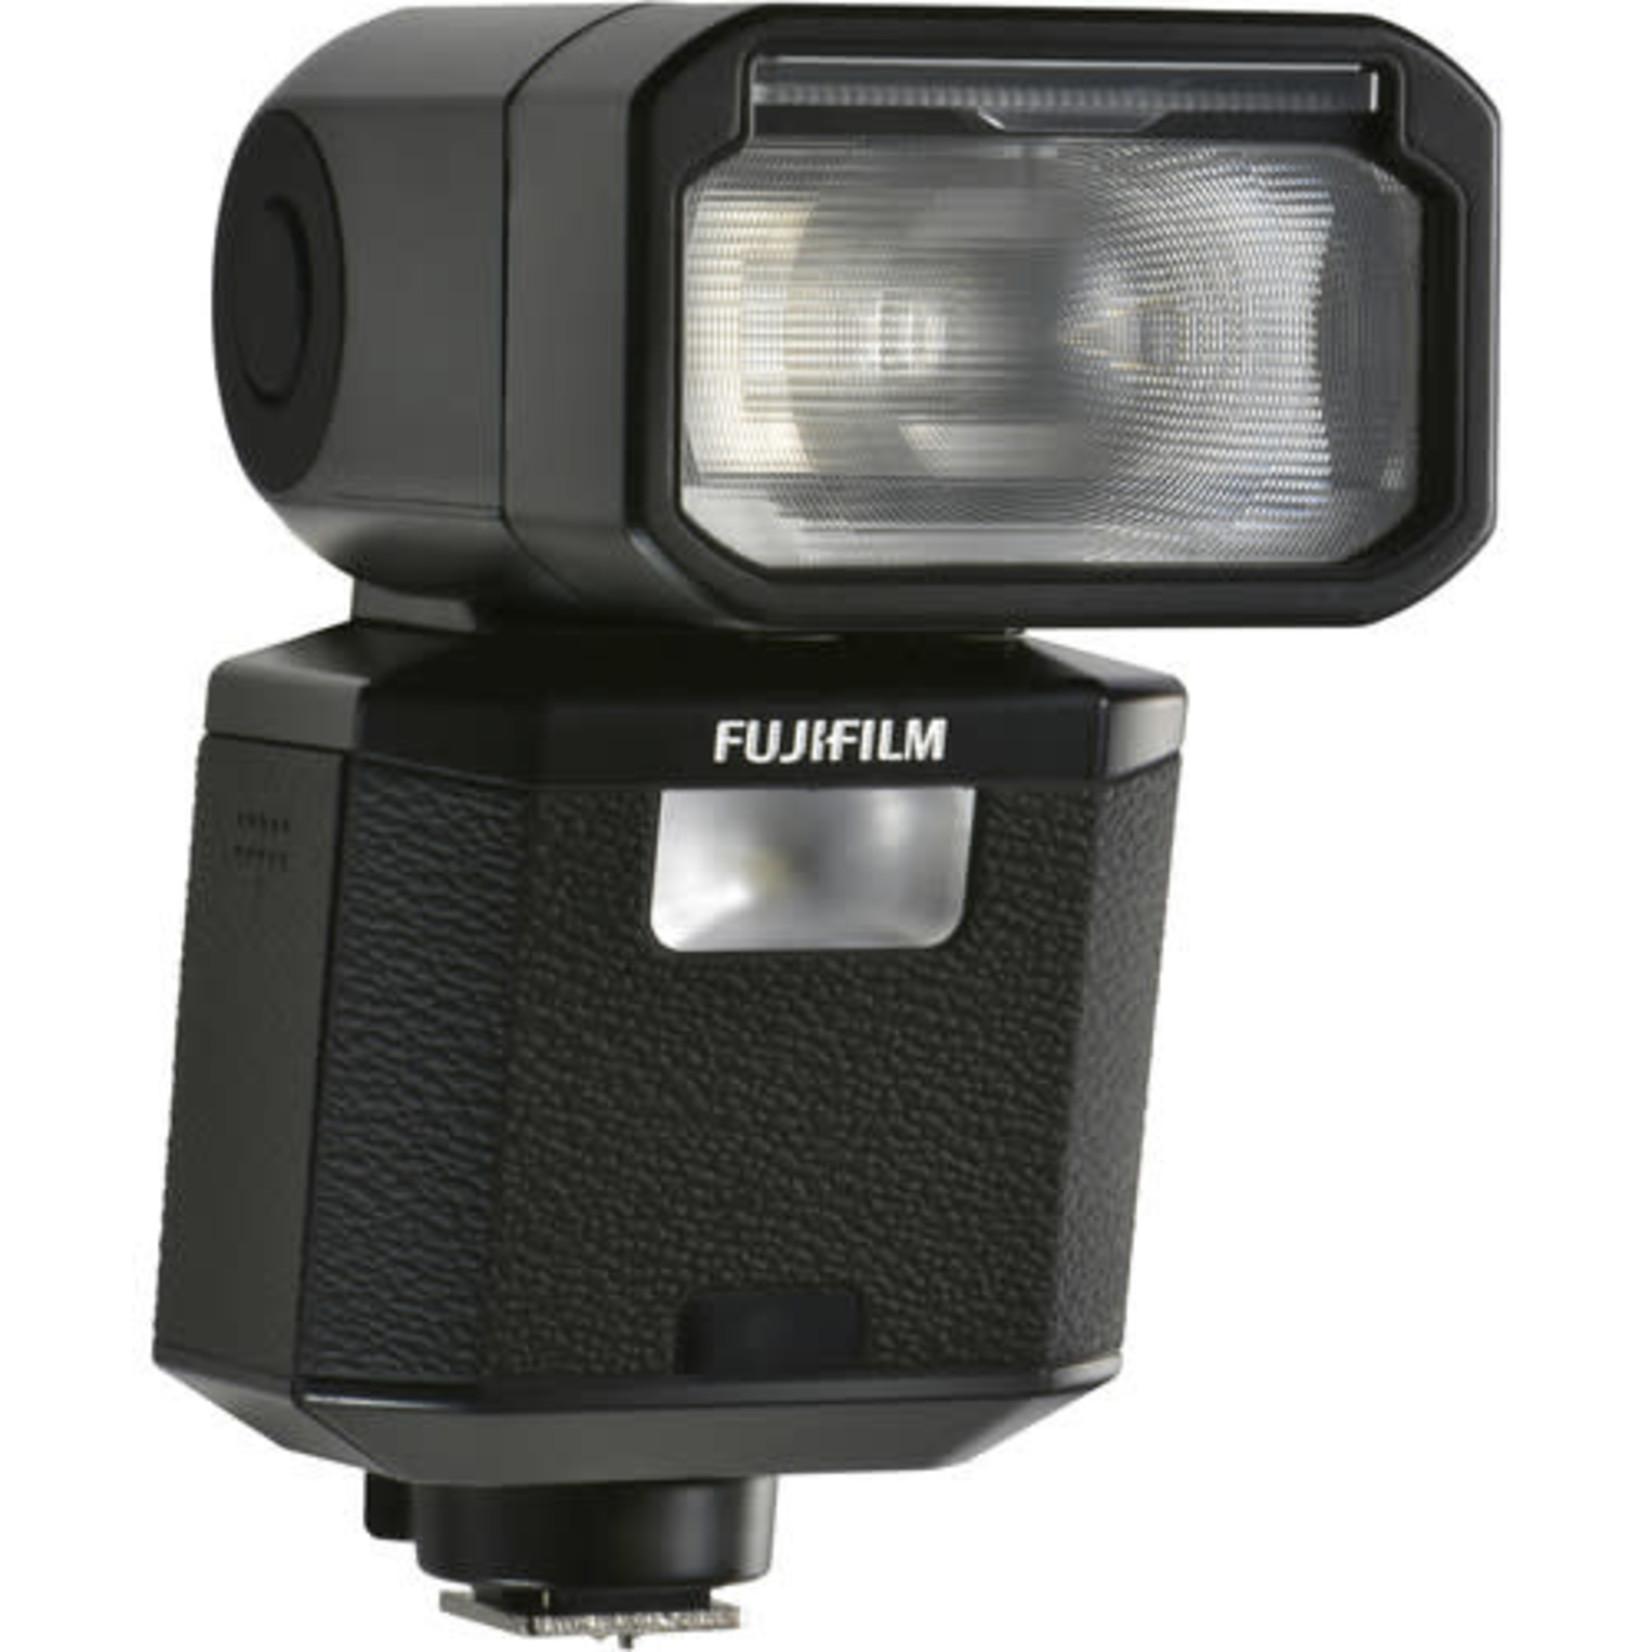 FujiFilm FujiFilm EF-X500 Flash